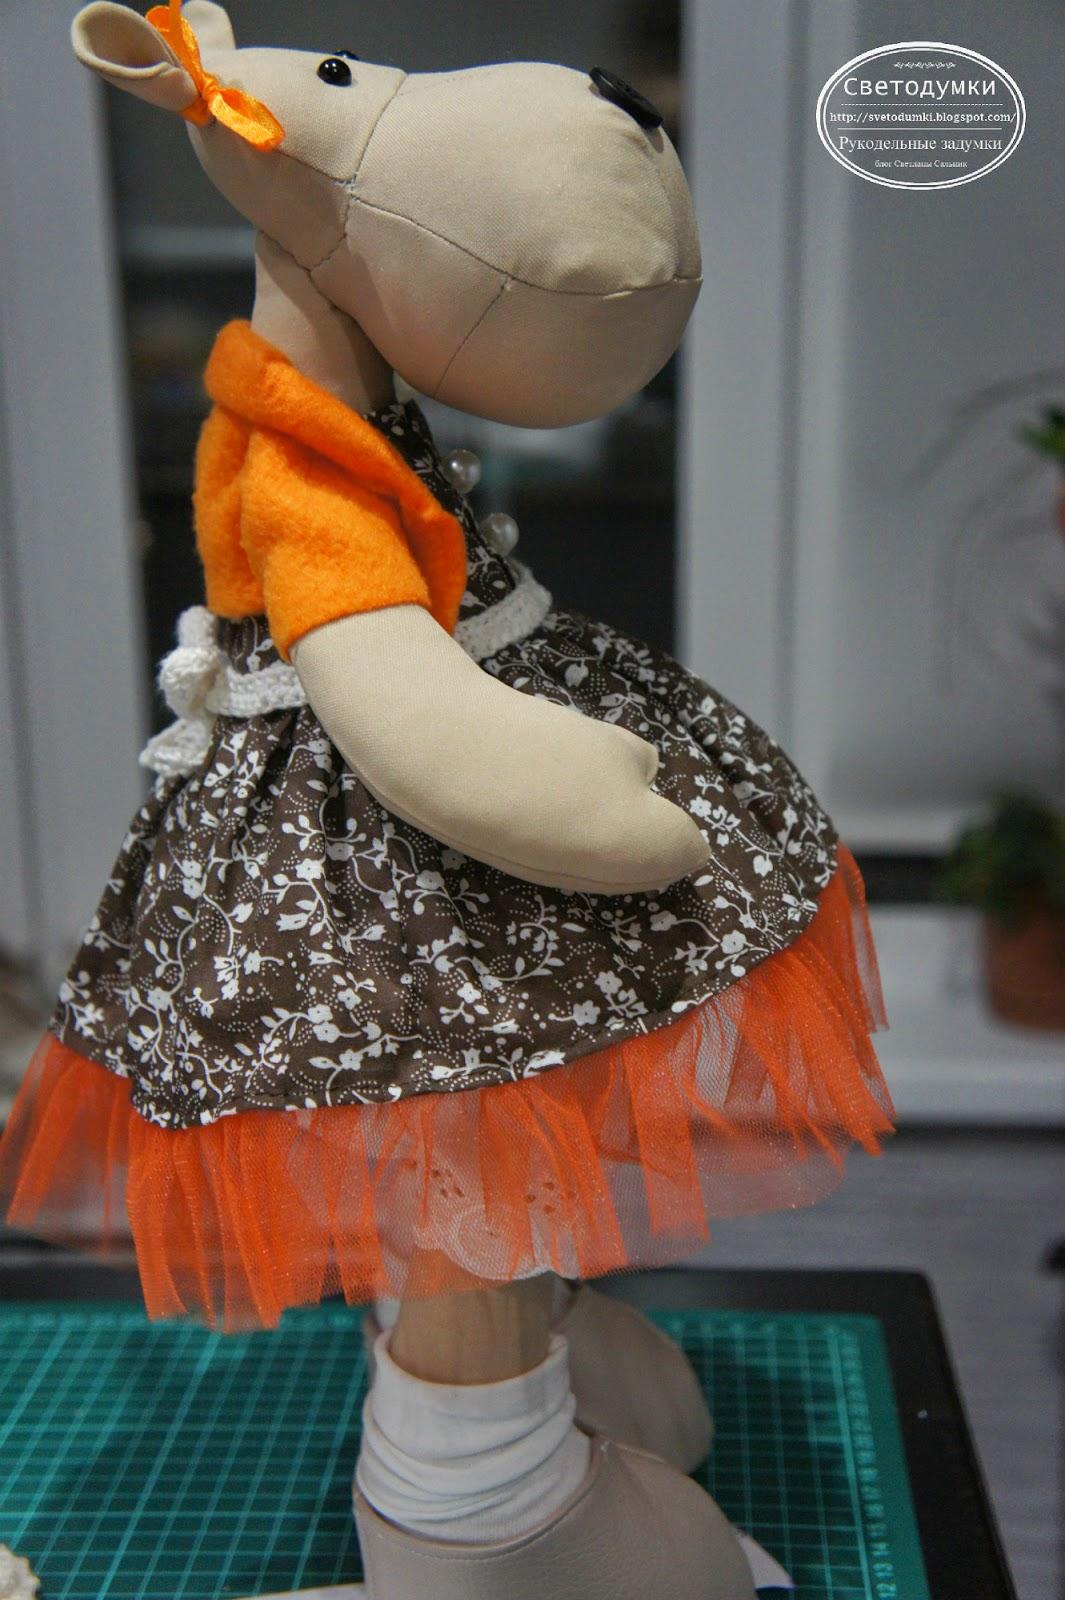 интерьерная игрушка, бегемот тильда, платье для тильды